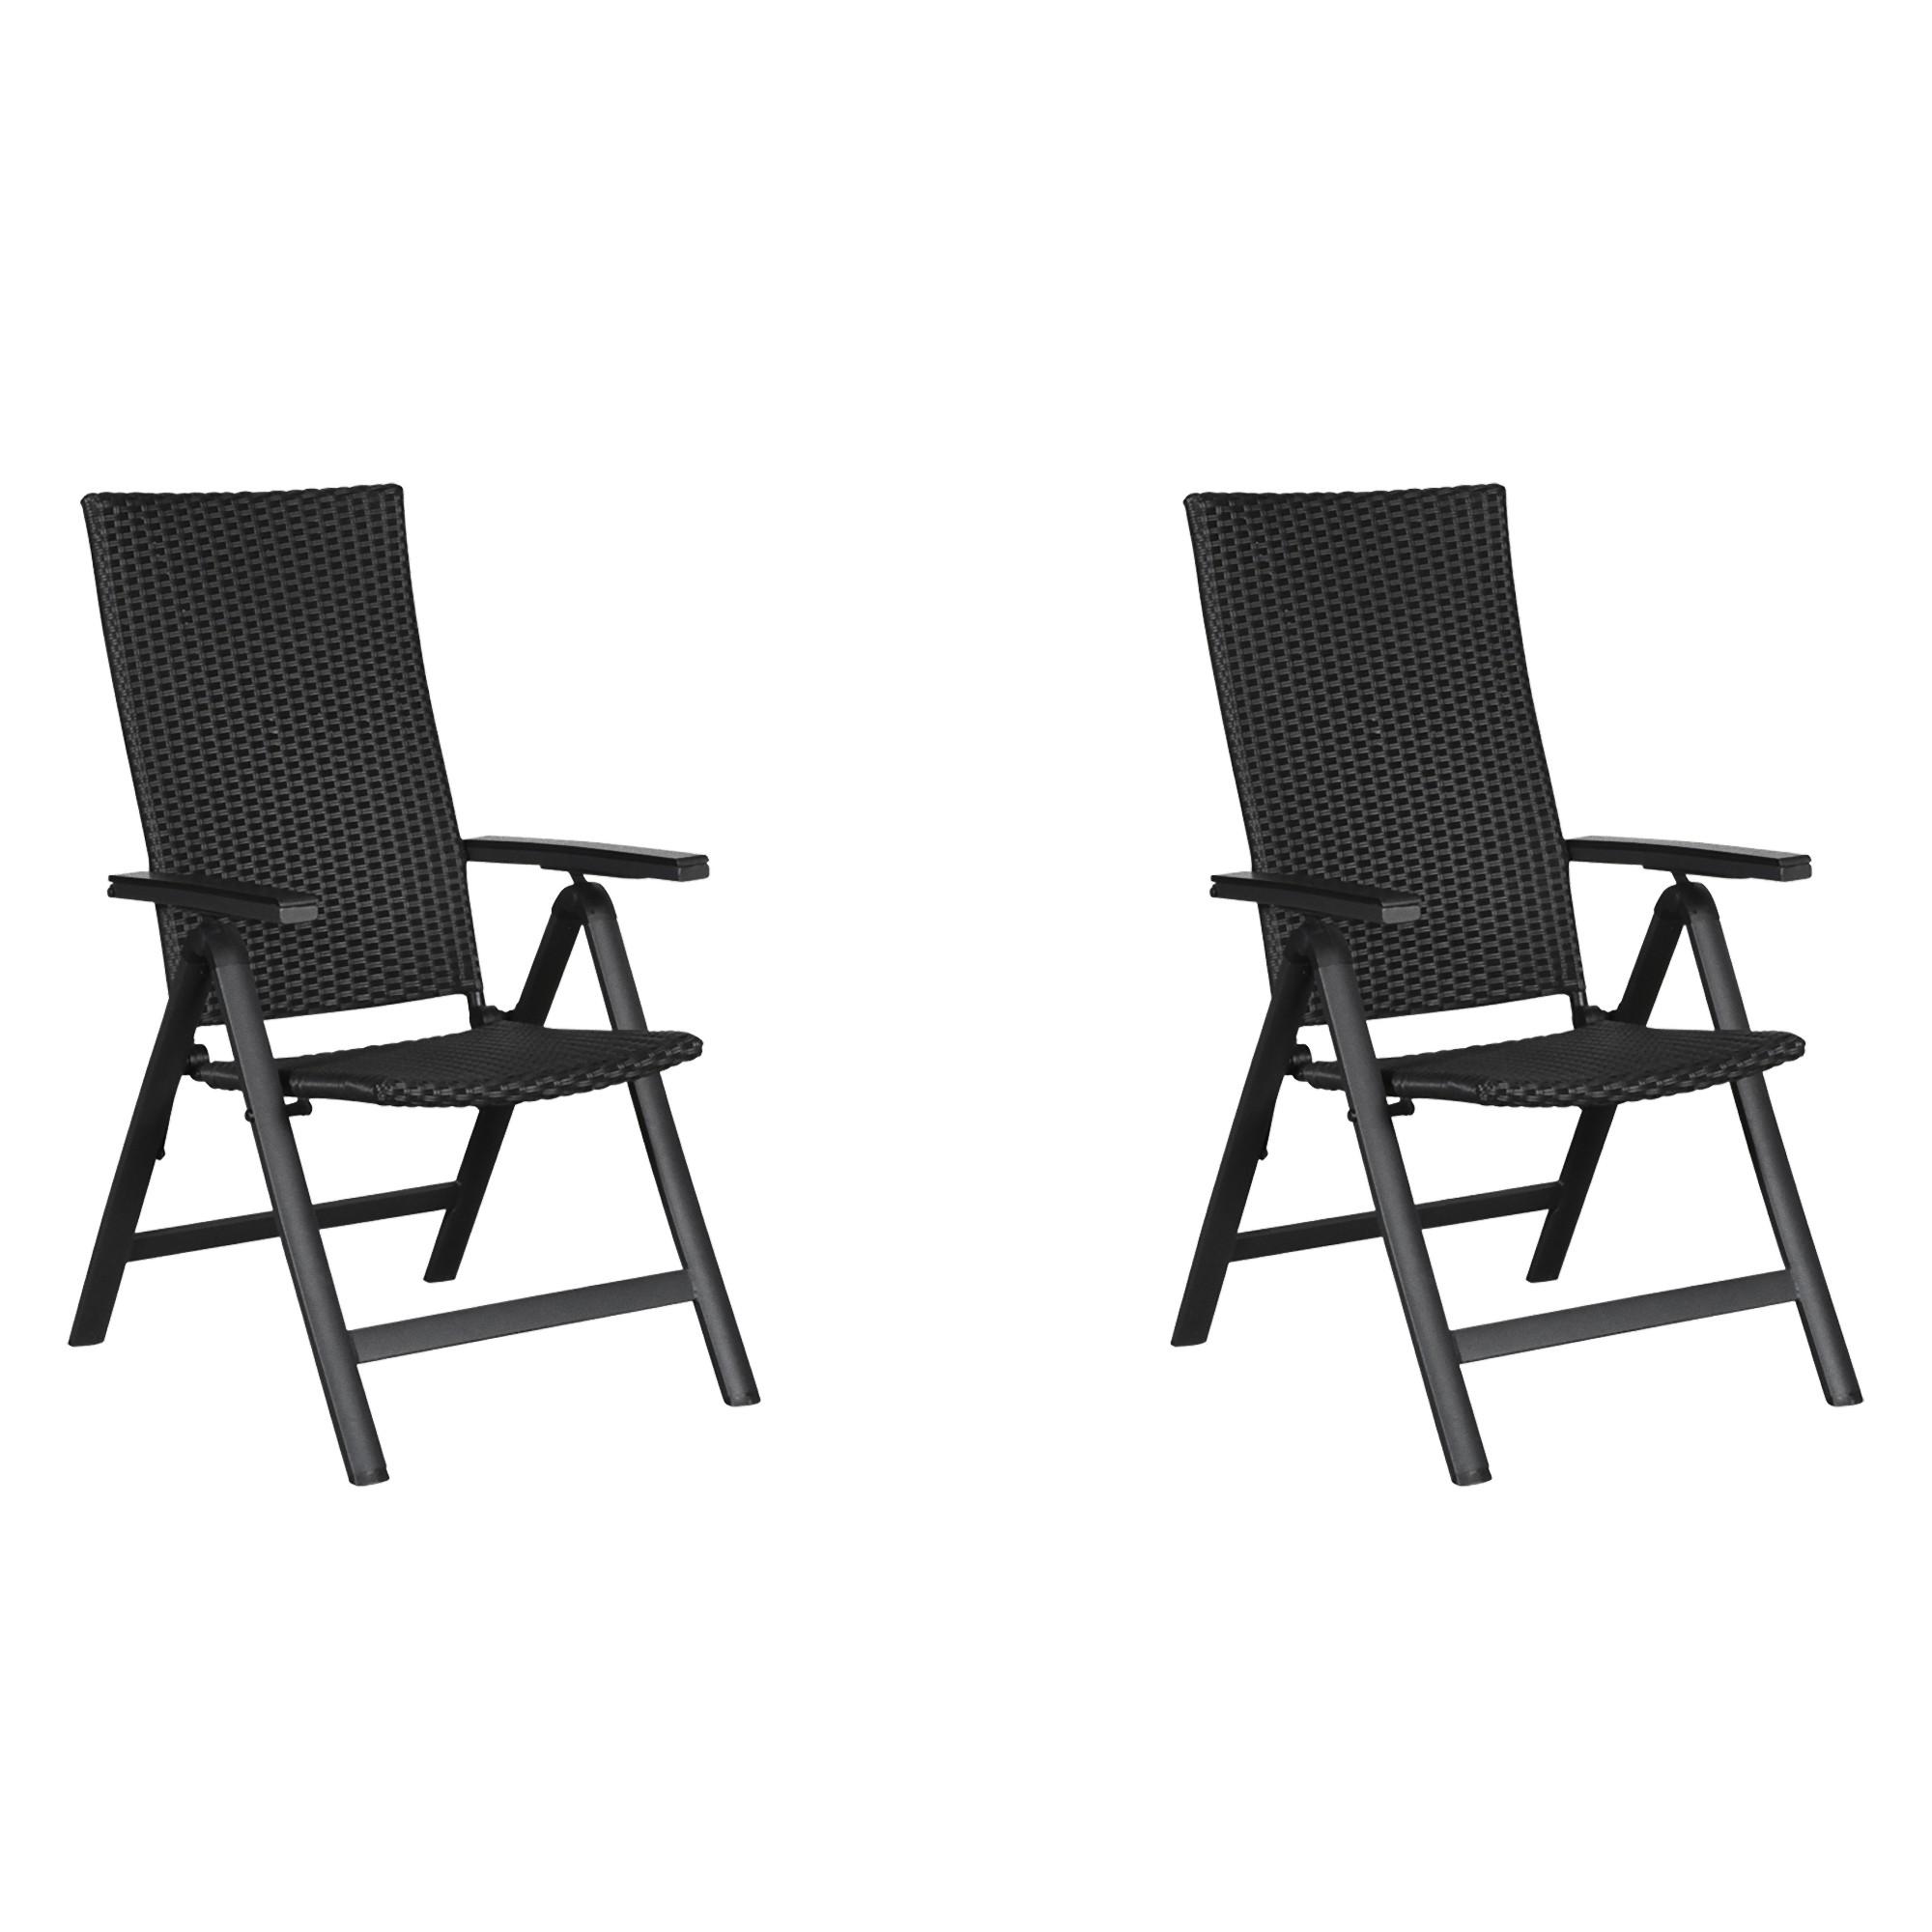 Détails sur 2x Kars Chaise de Jardin 6 Postes Noir/Gris Dossier Haut  Fauteuil